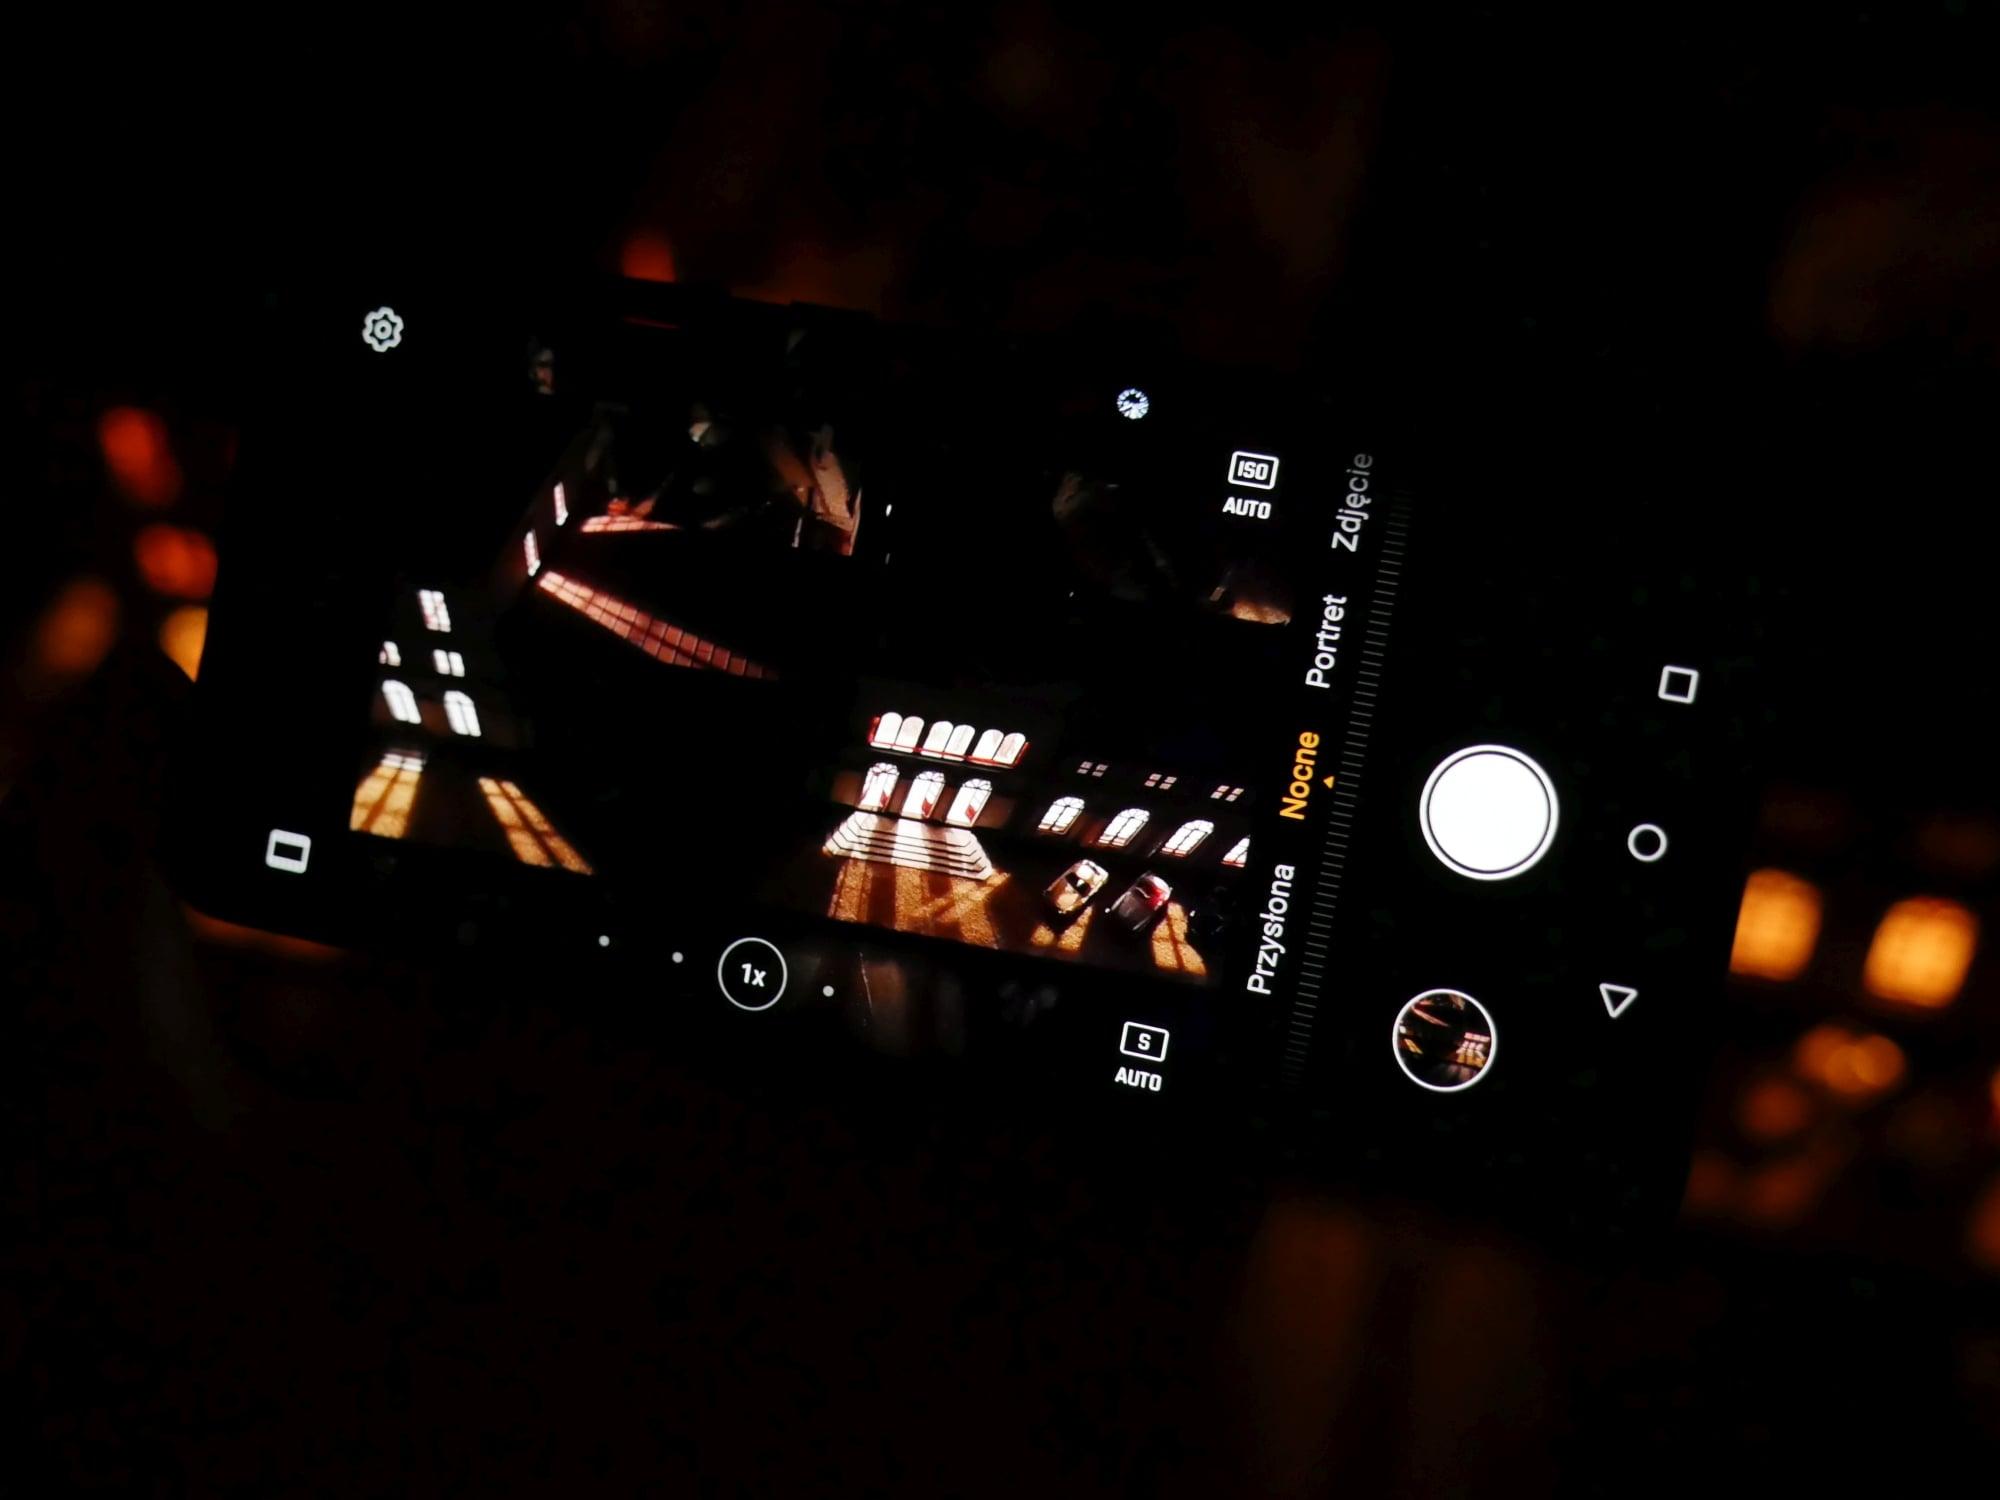 Huawei P30 Pro - pierwsze wrażenia. Zdjęcia nocne mają być jeszcze lepsze! 27